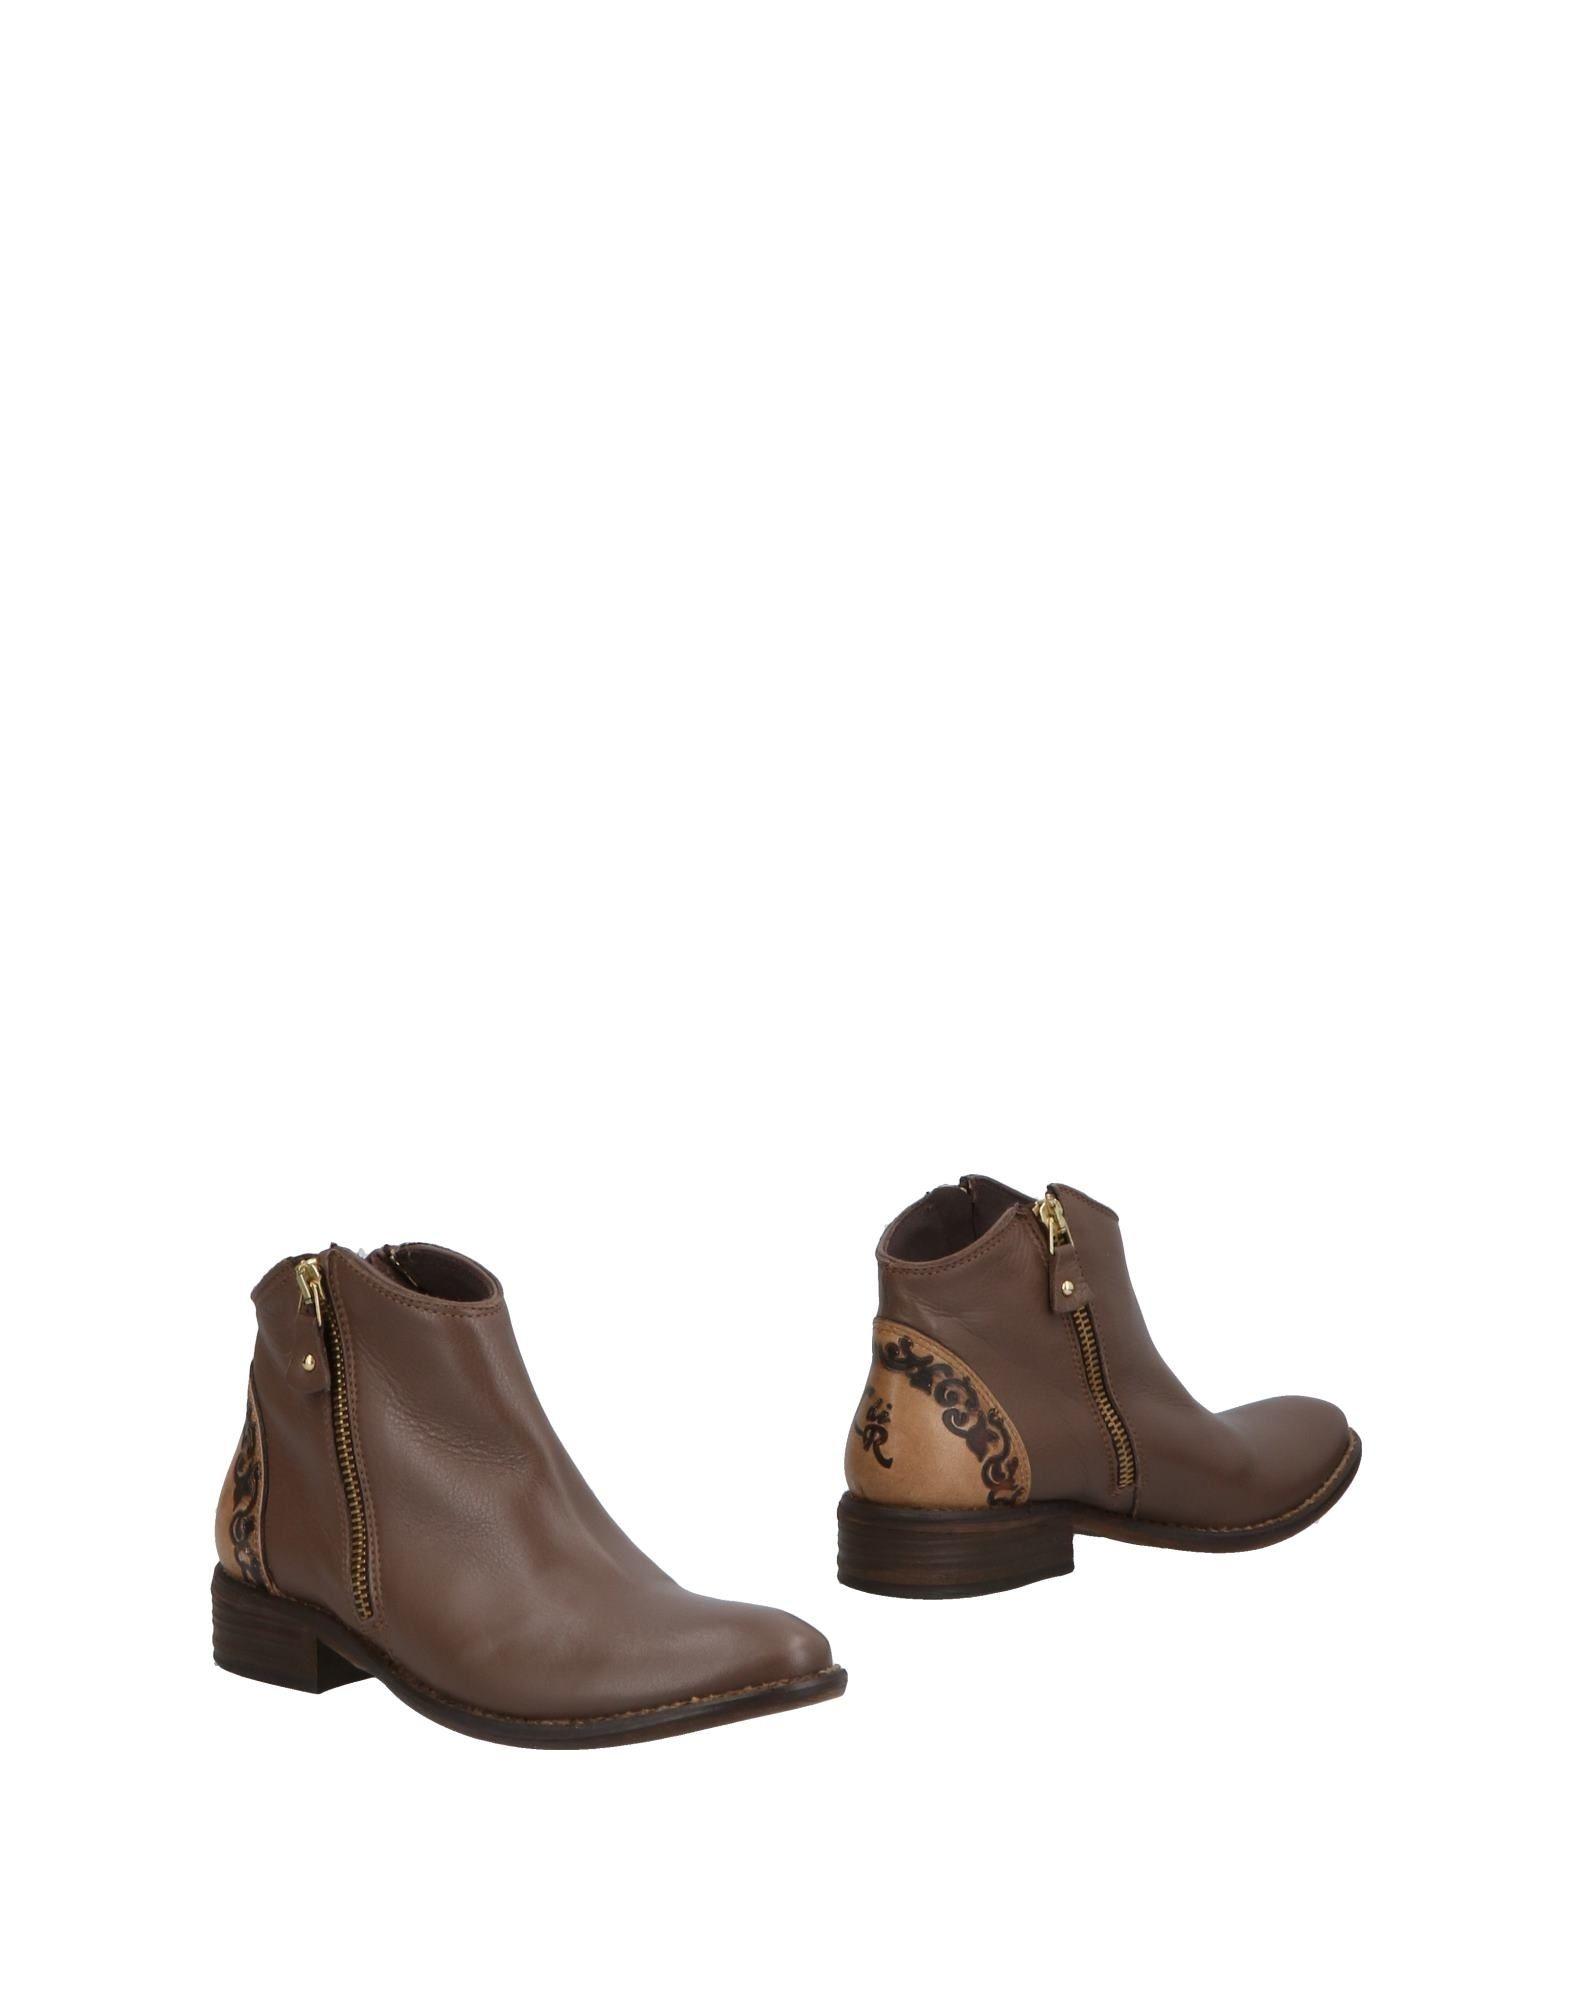 Gut um Stiefelette billige Schuhe zu tragenLdir Stiefelette um Damen  11506393BQ 229fea